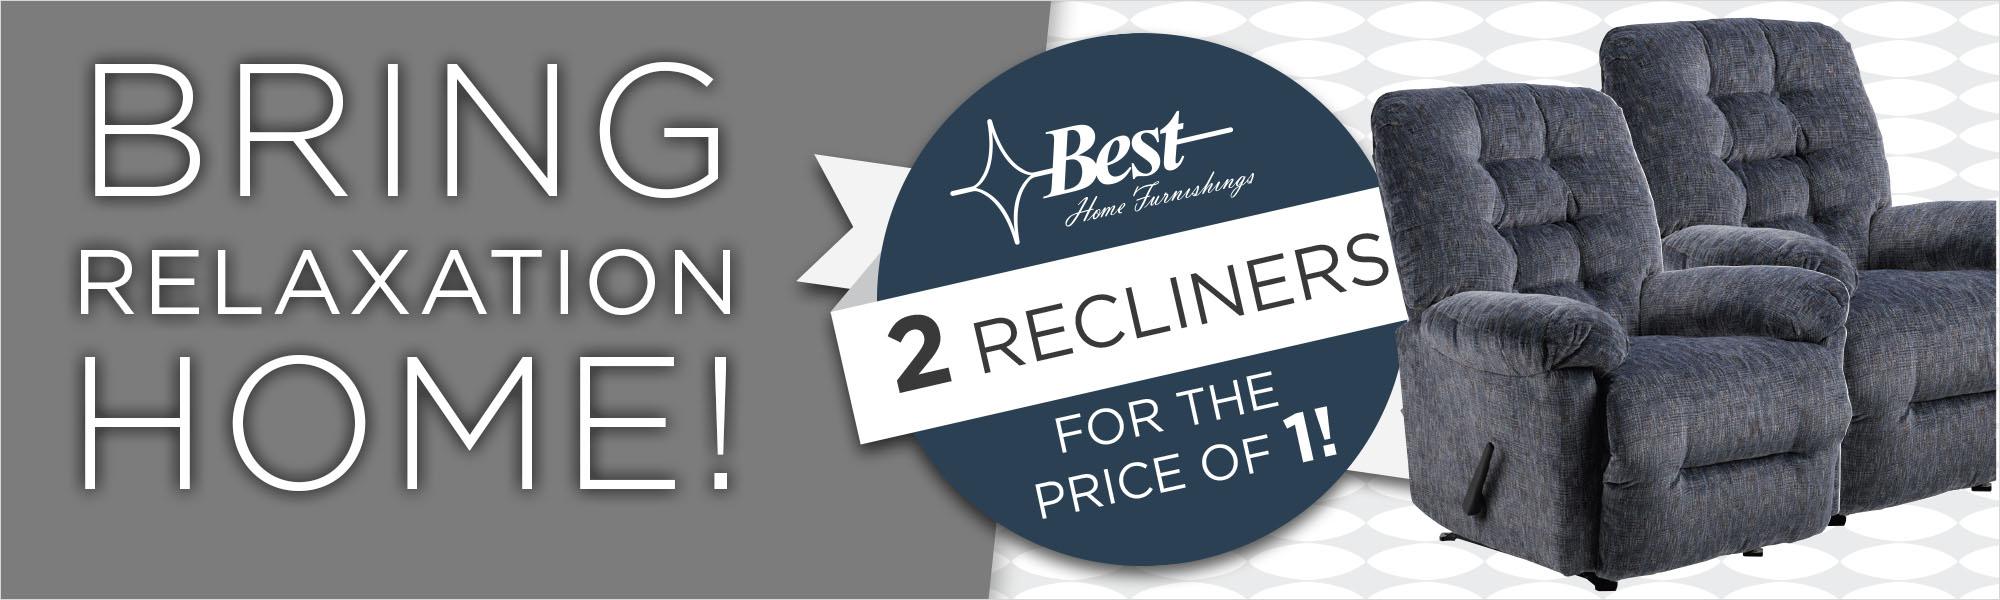 Best Home Furnishings Buy 1 Get 1 Free